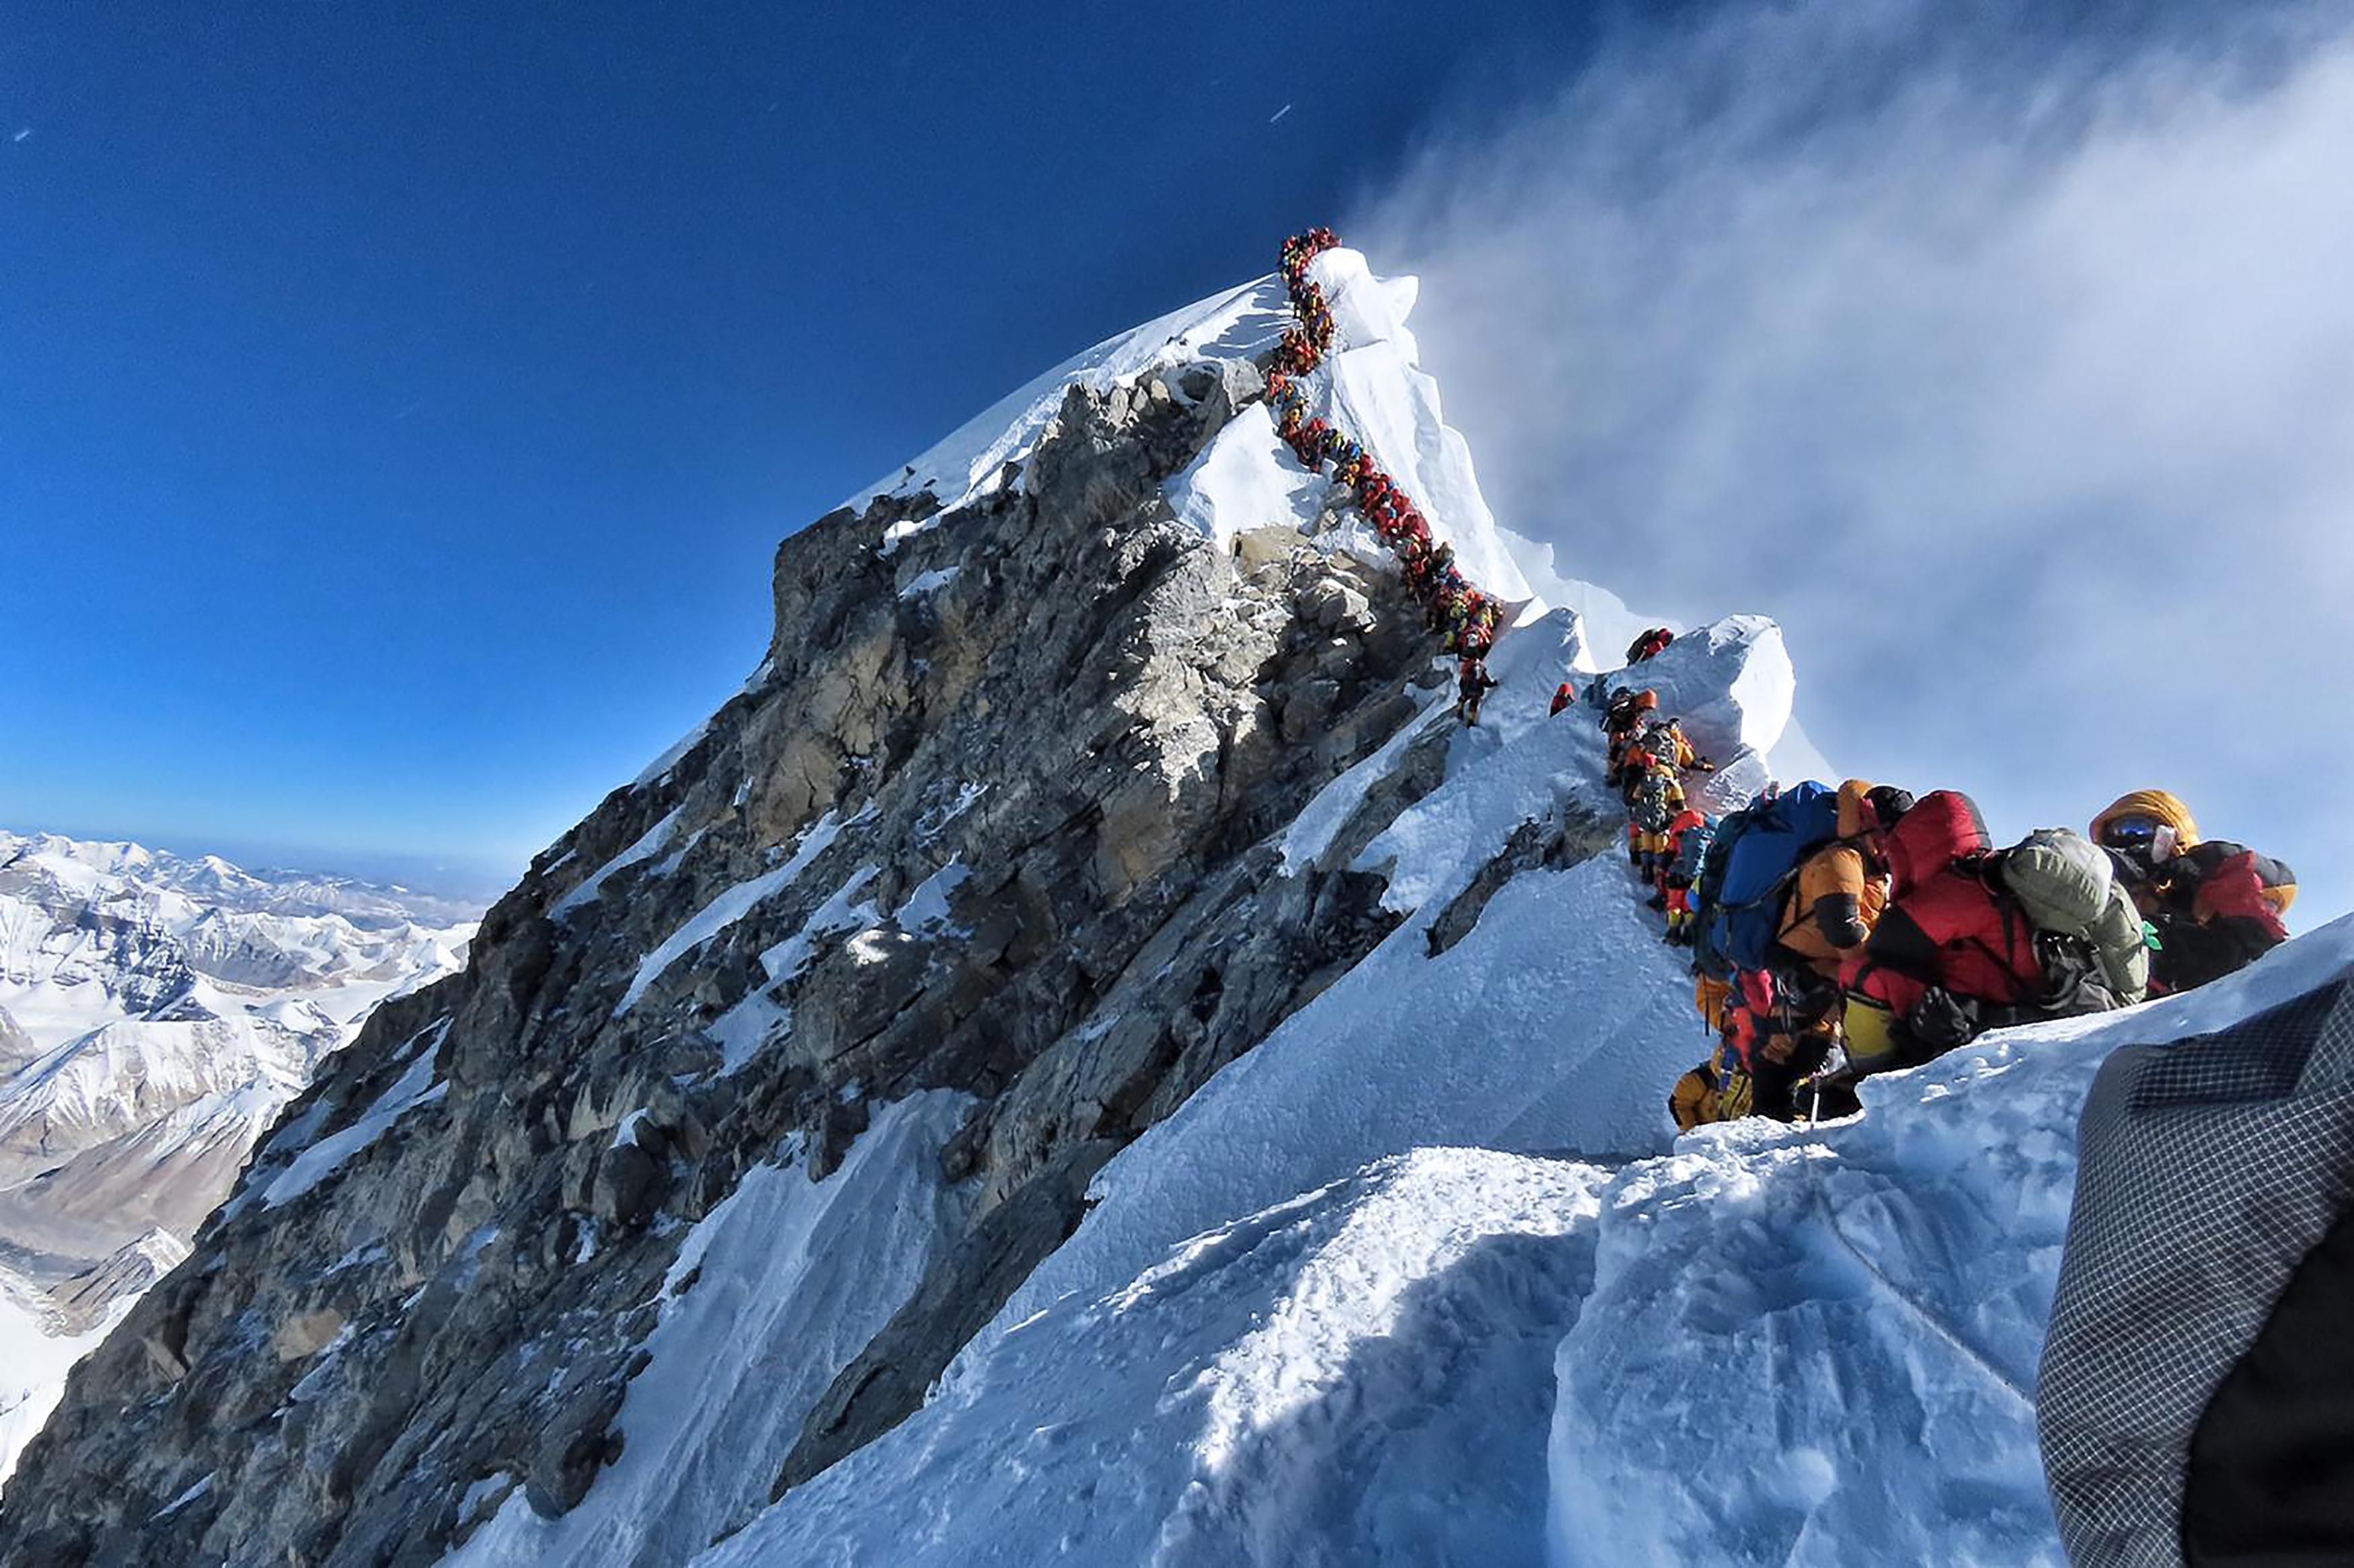 珠峰攻頂排長龍 登山客長時間等候釀5死